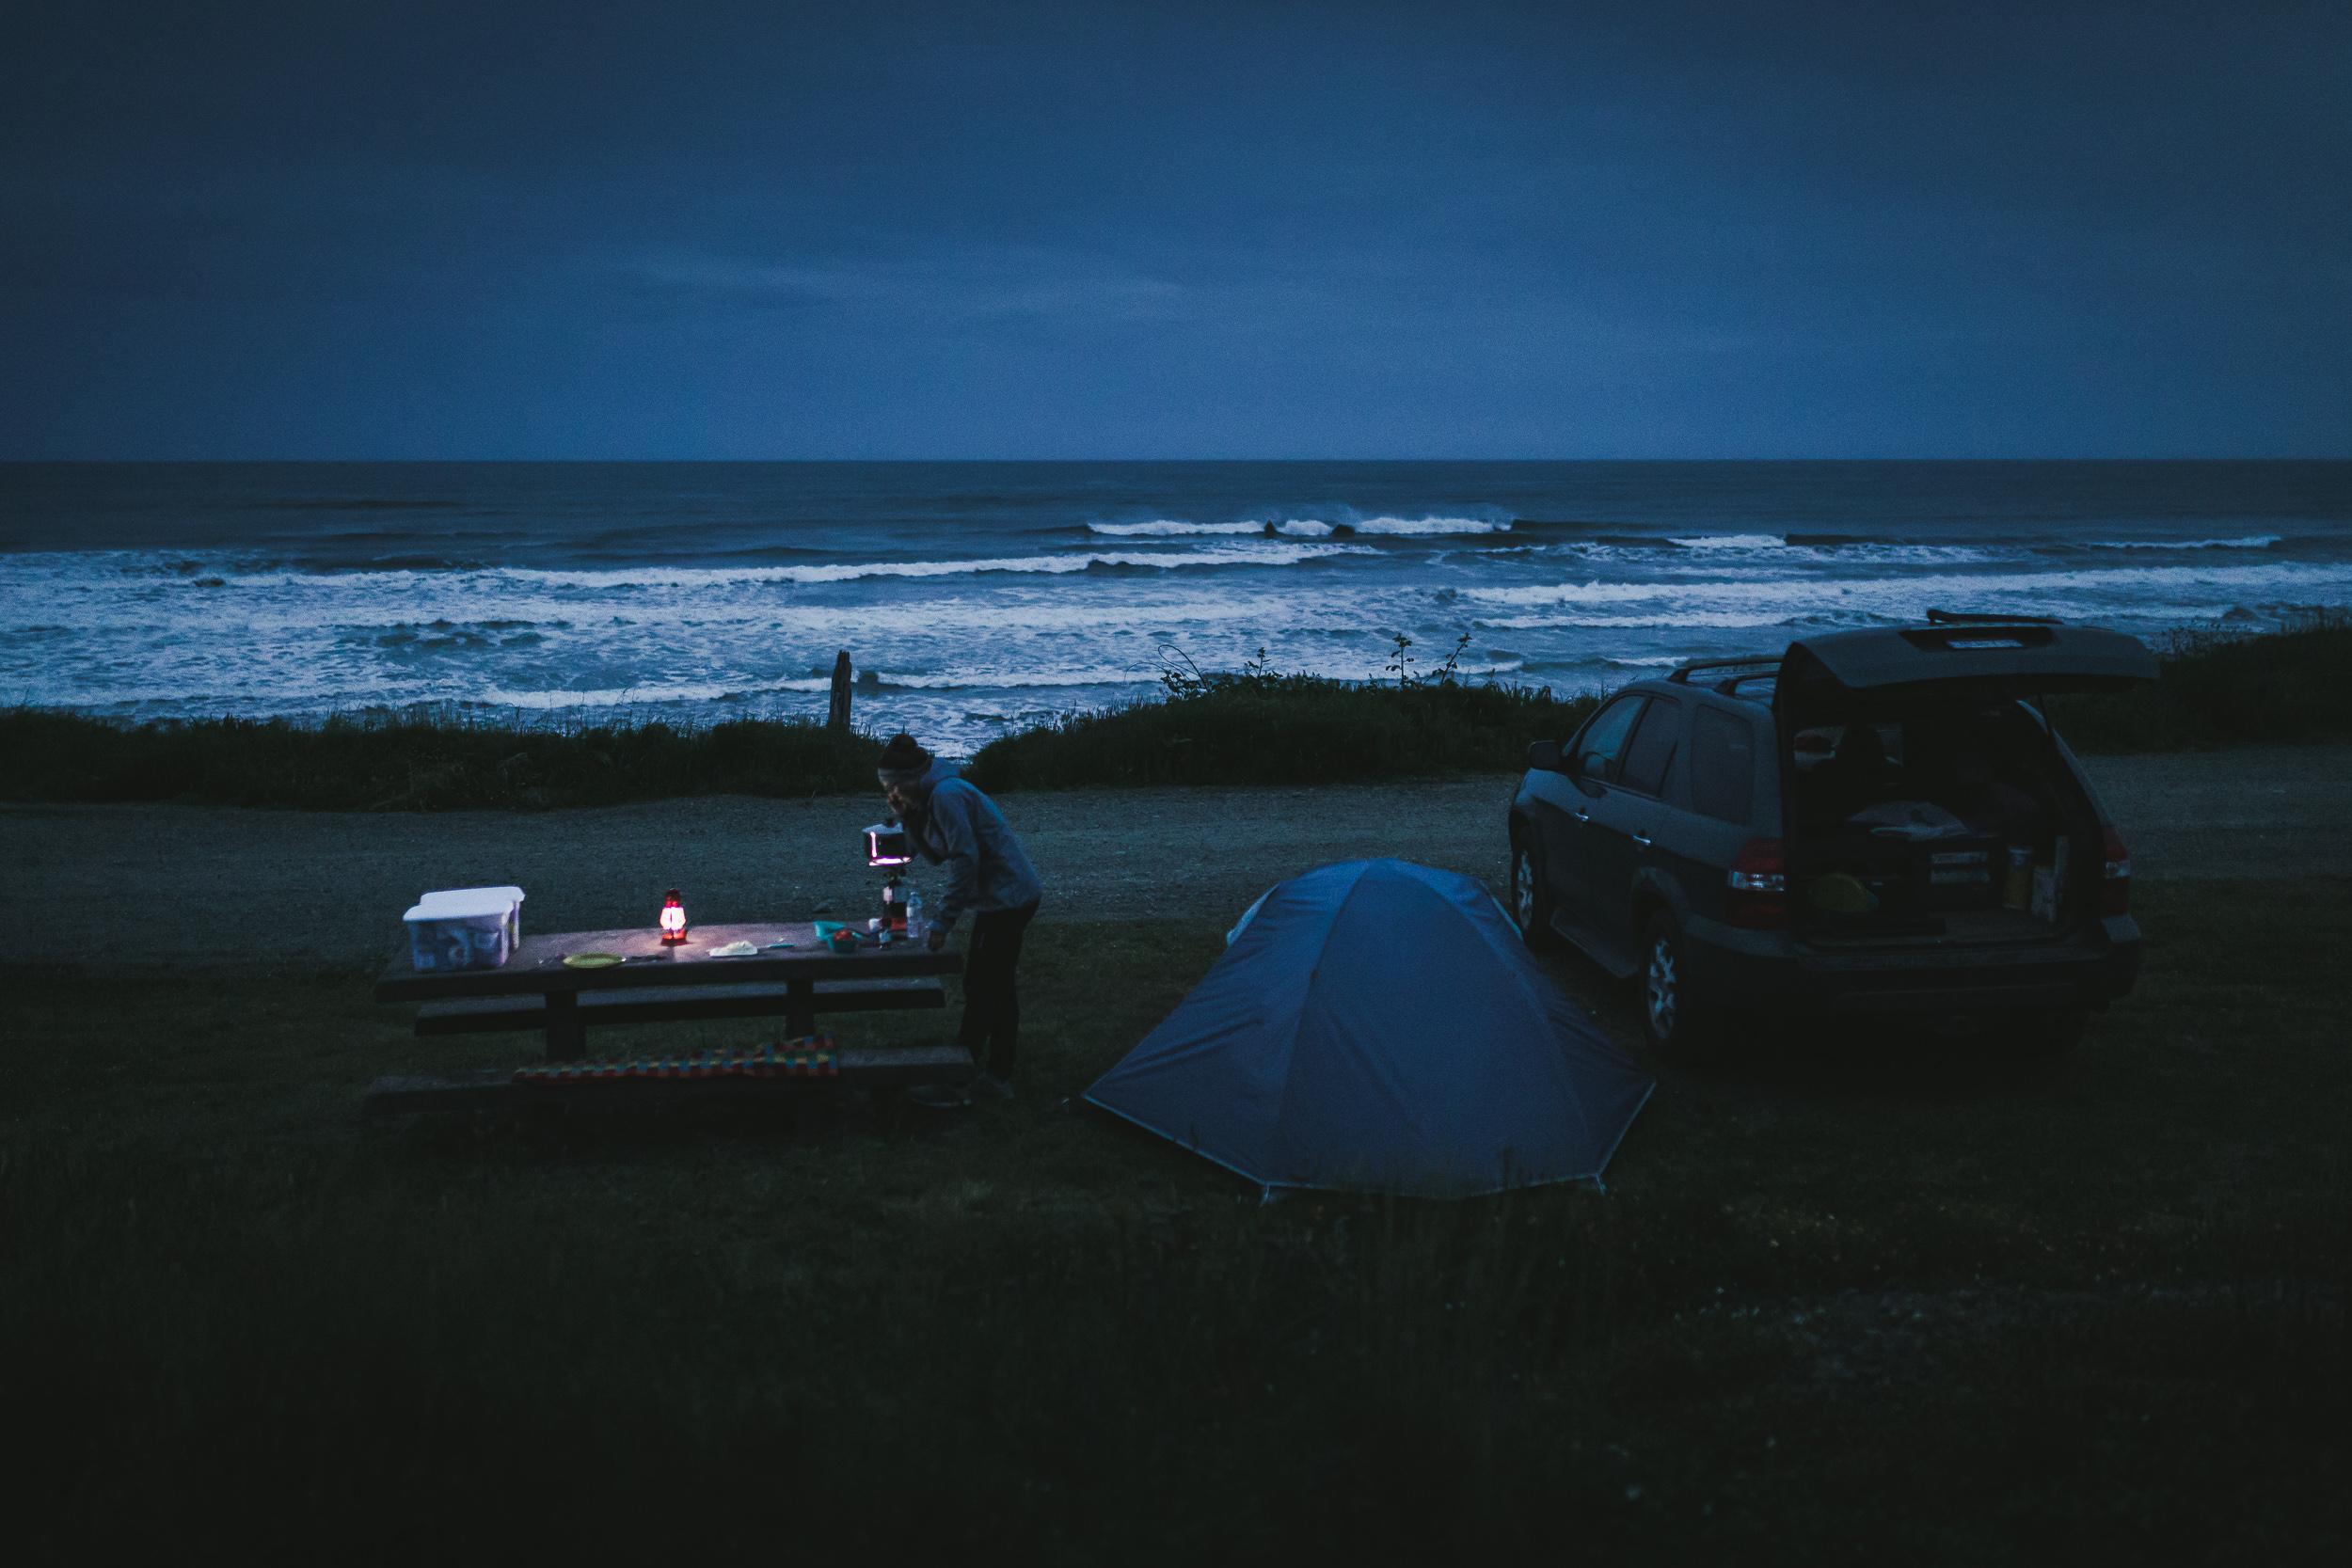 Erster Abend an der Küste